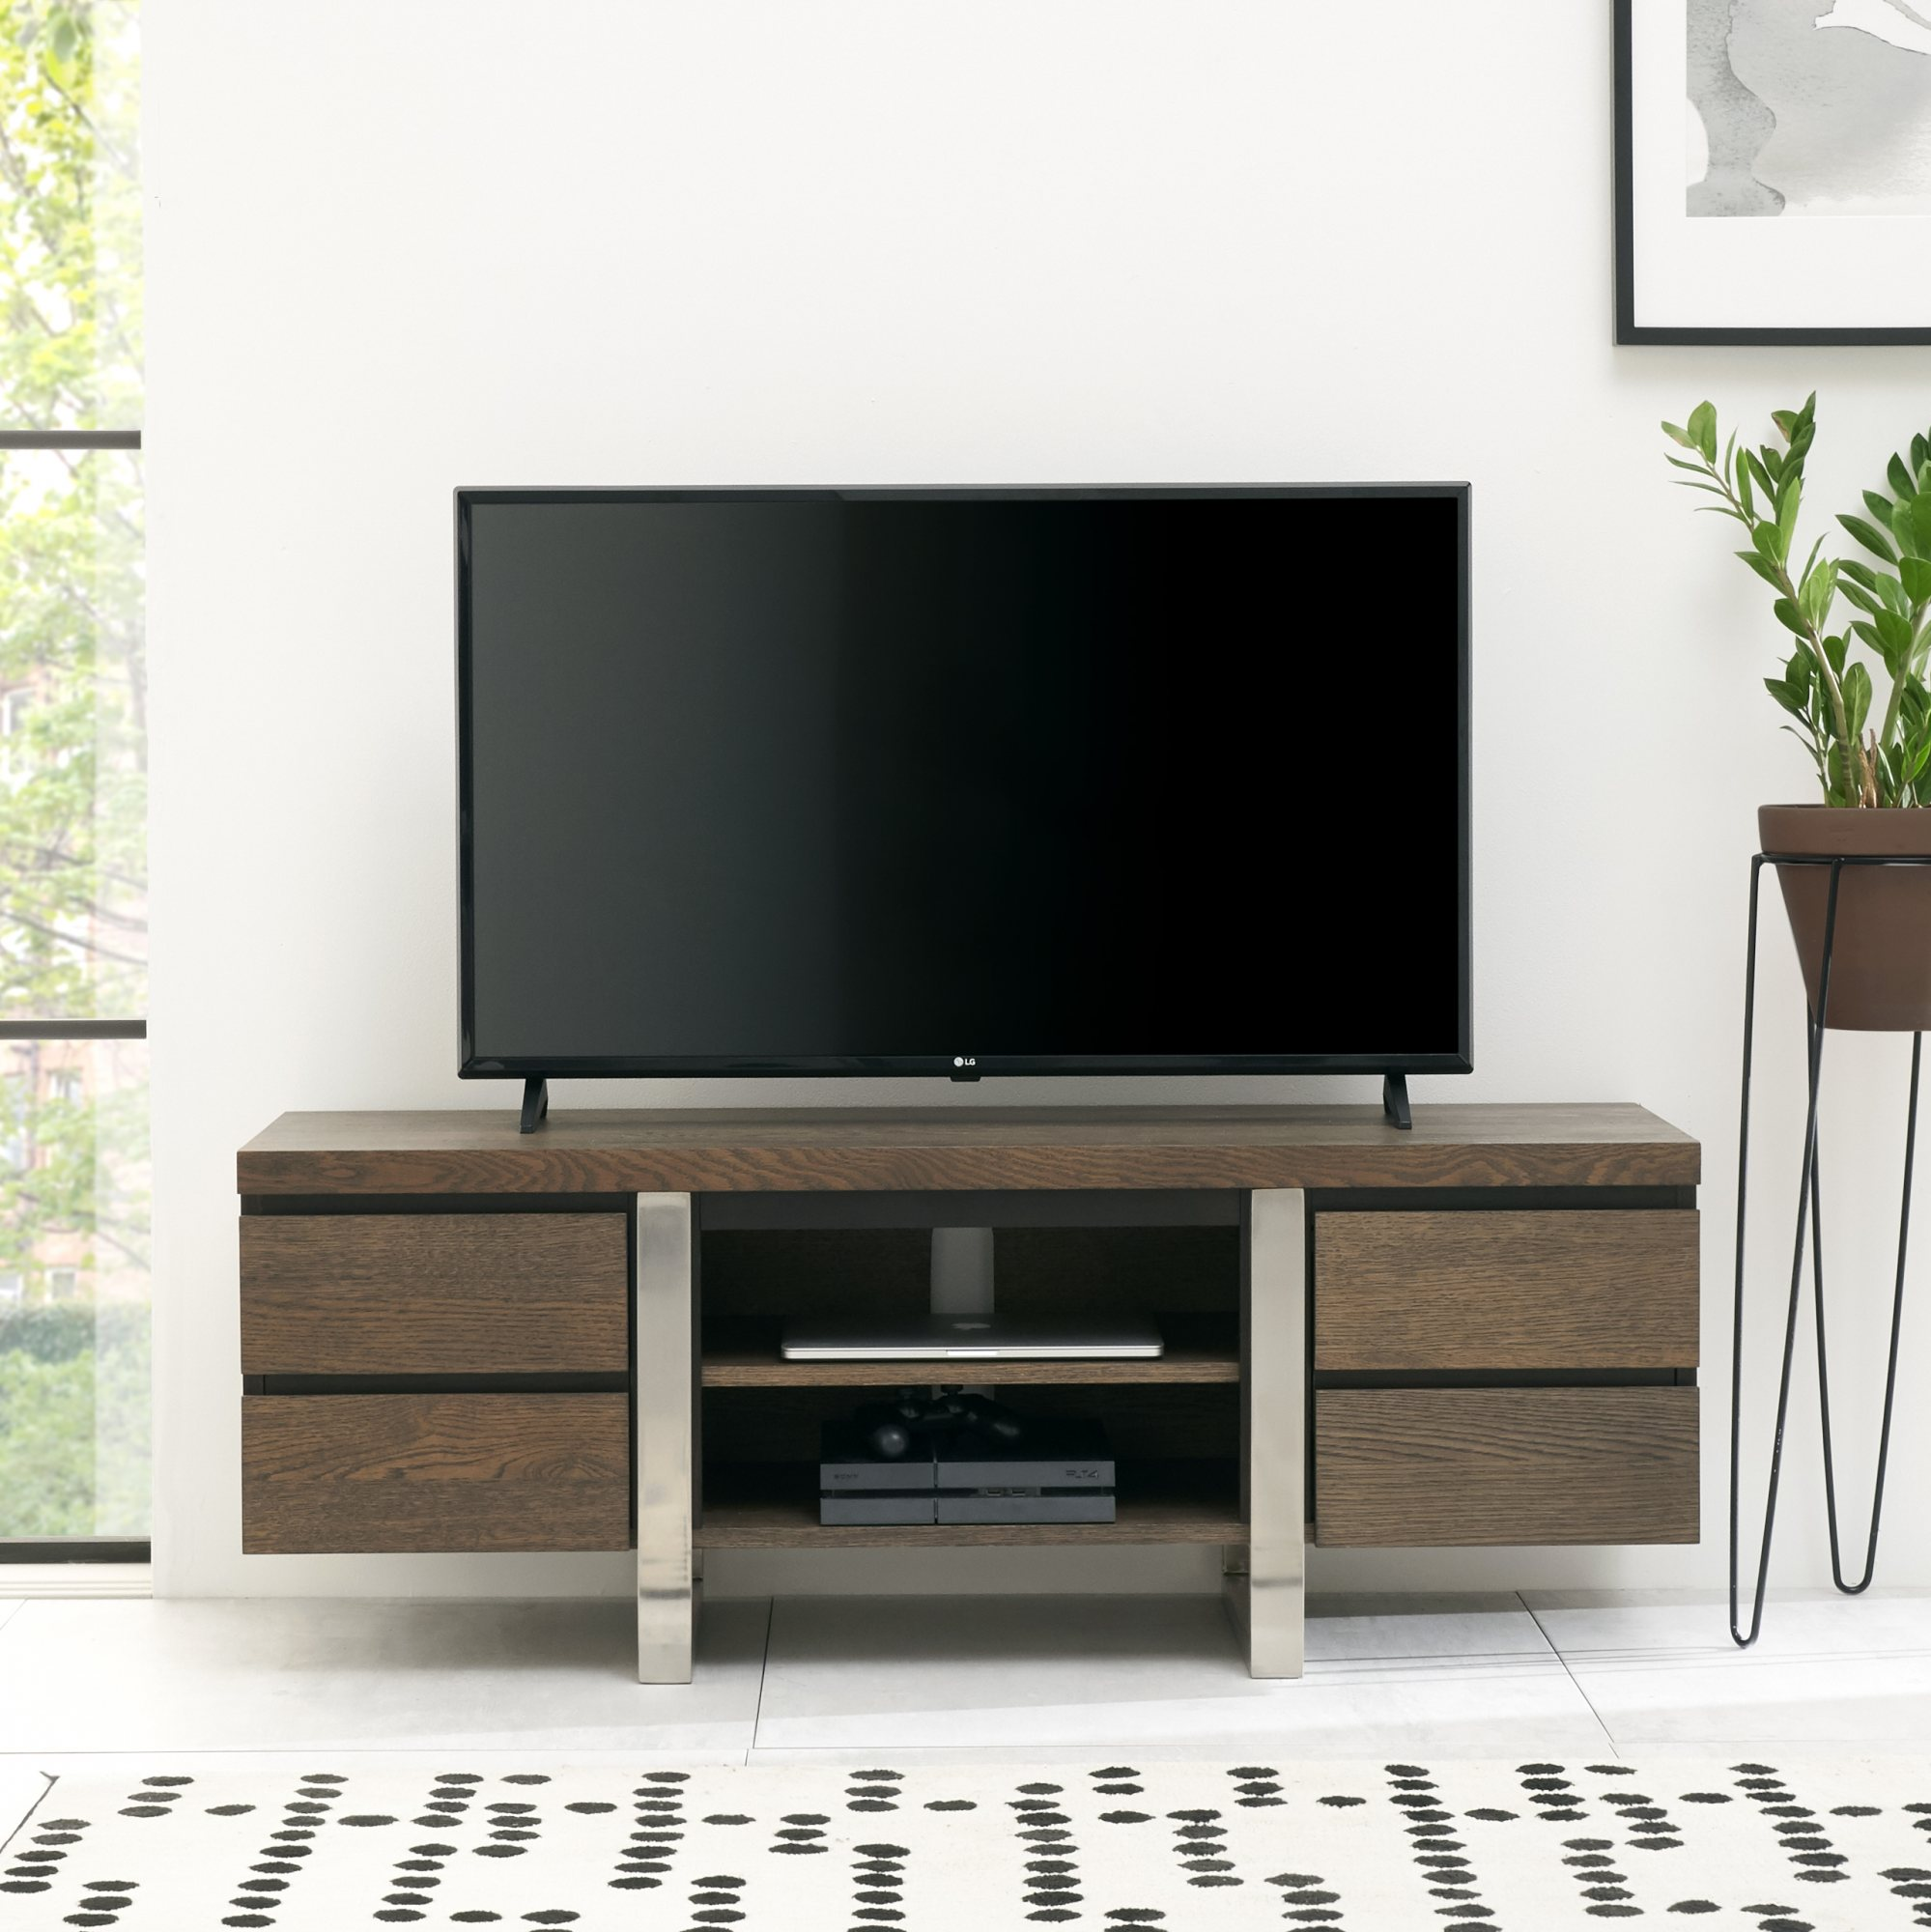 BRINDISI TV UNIT - L135cm x D43cm x H49cm